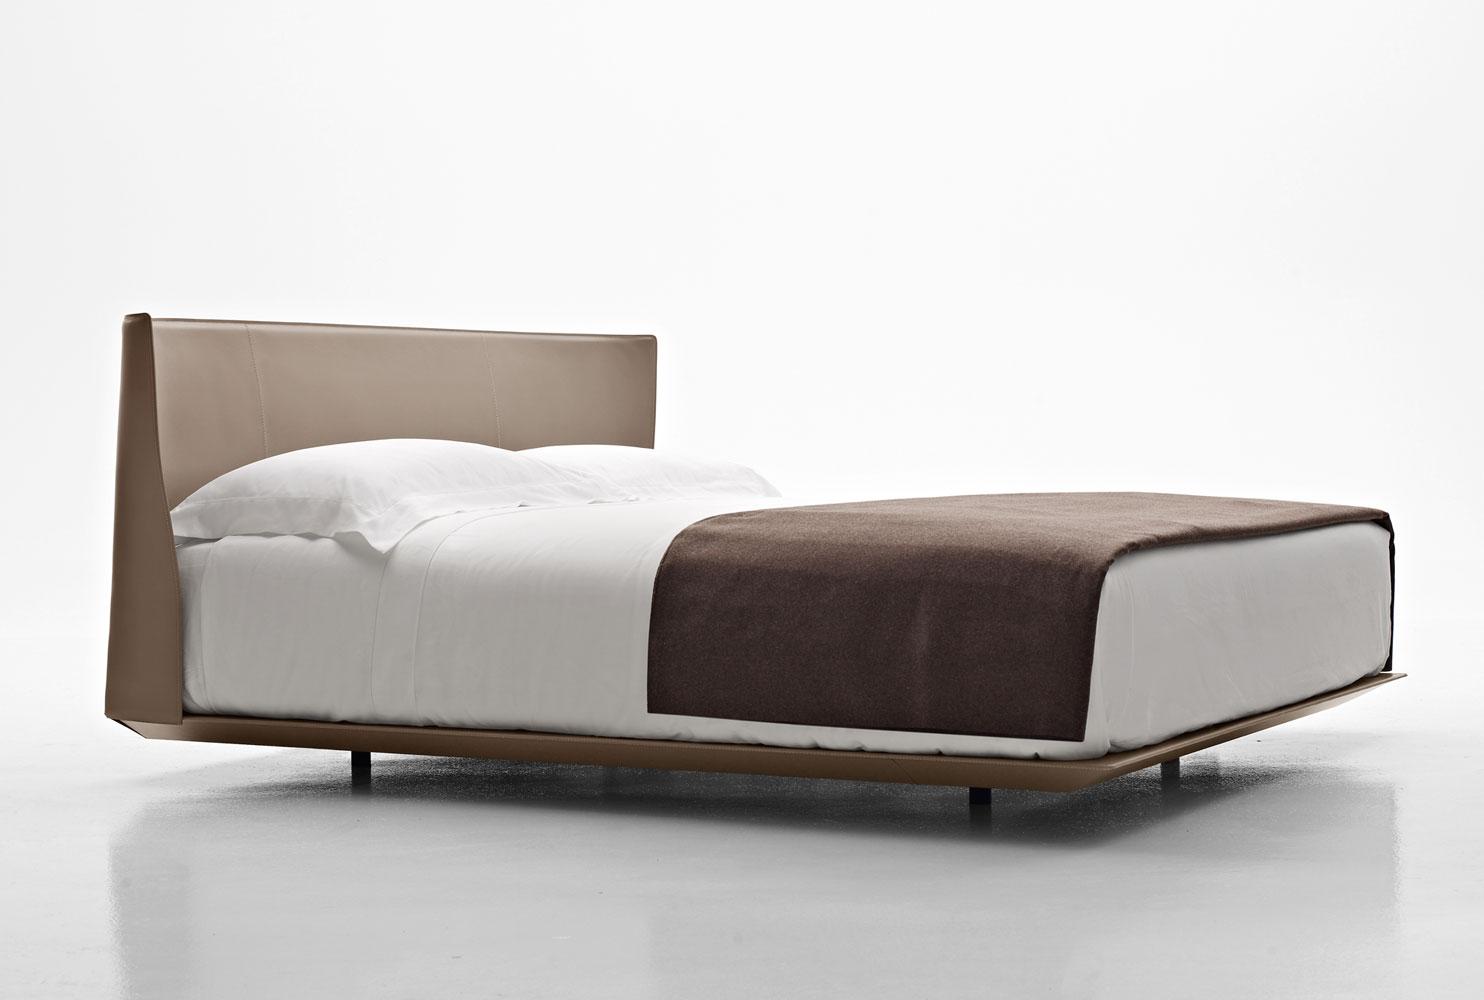 Full Size of Bett 160x200 Kaufen Gebraucht Gunstig Tagesdecke 160 X 220 Massivholz Mit Lattenrost Und Matratze Oder 180 Cm Online Ikea Designwebstore Alys 200 Kernleder Bett Bett 160